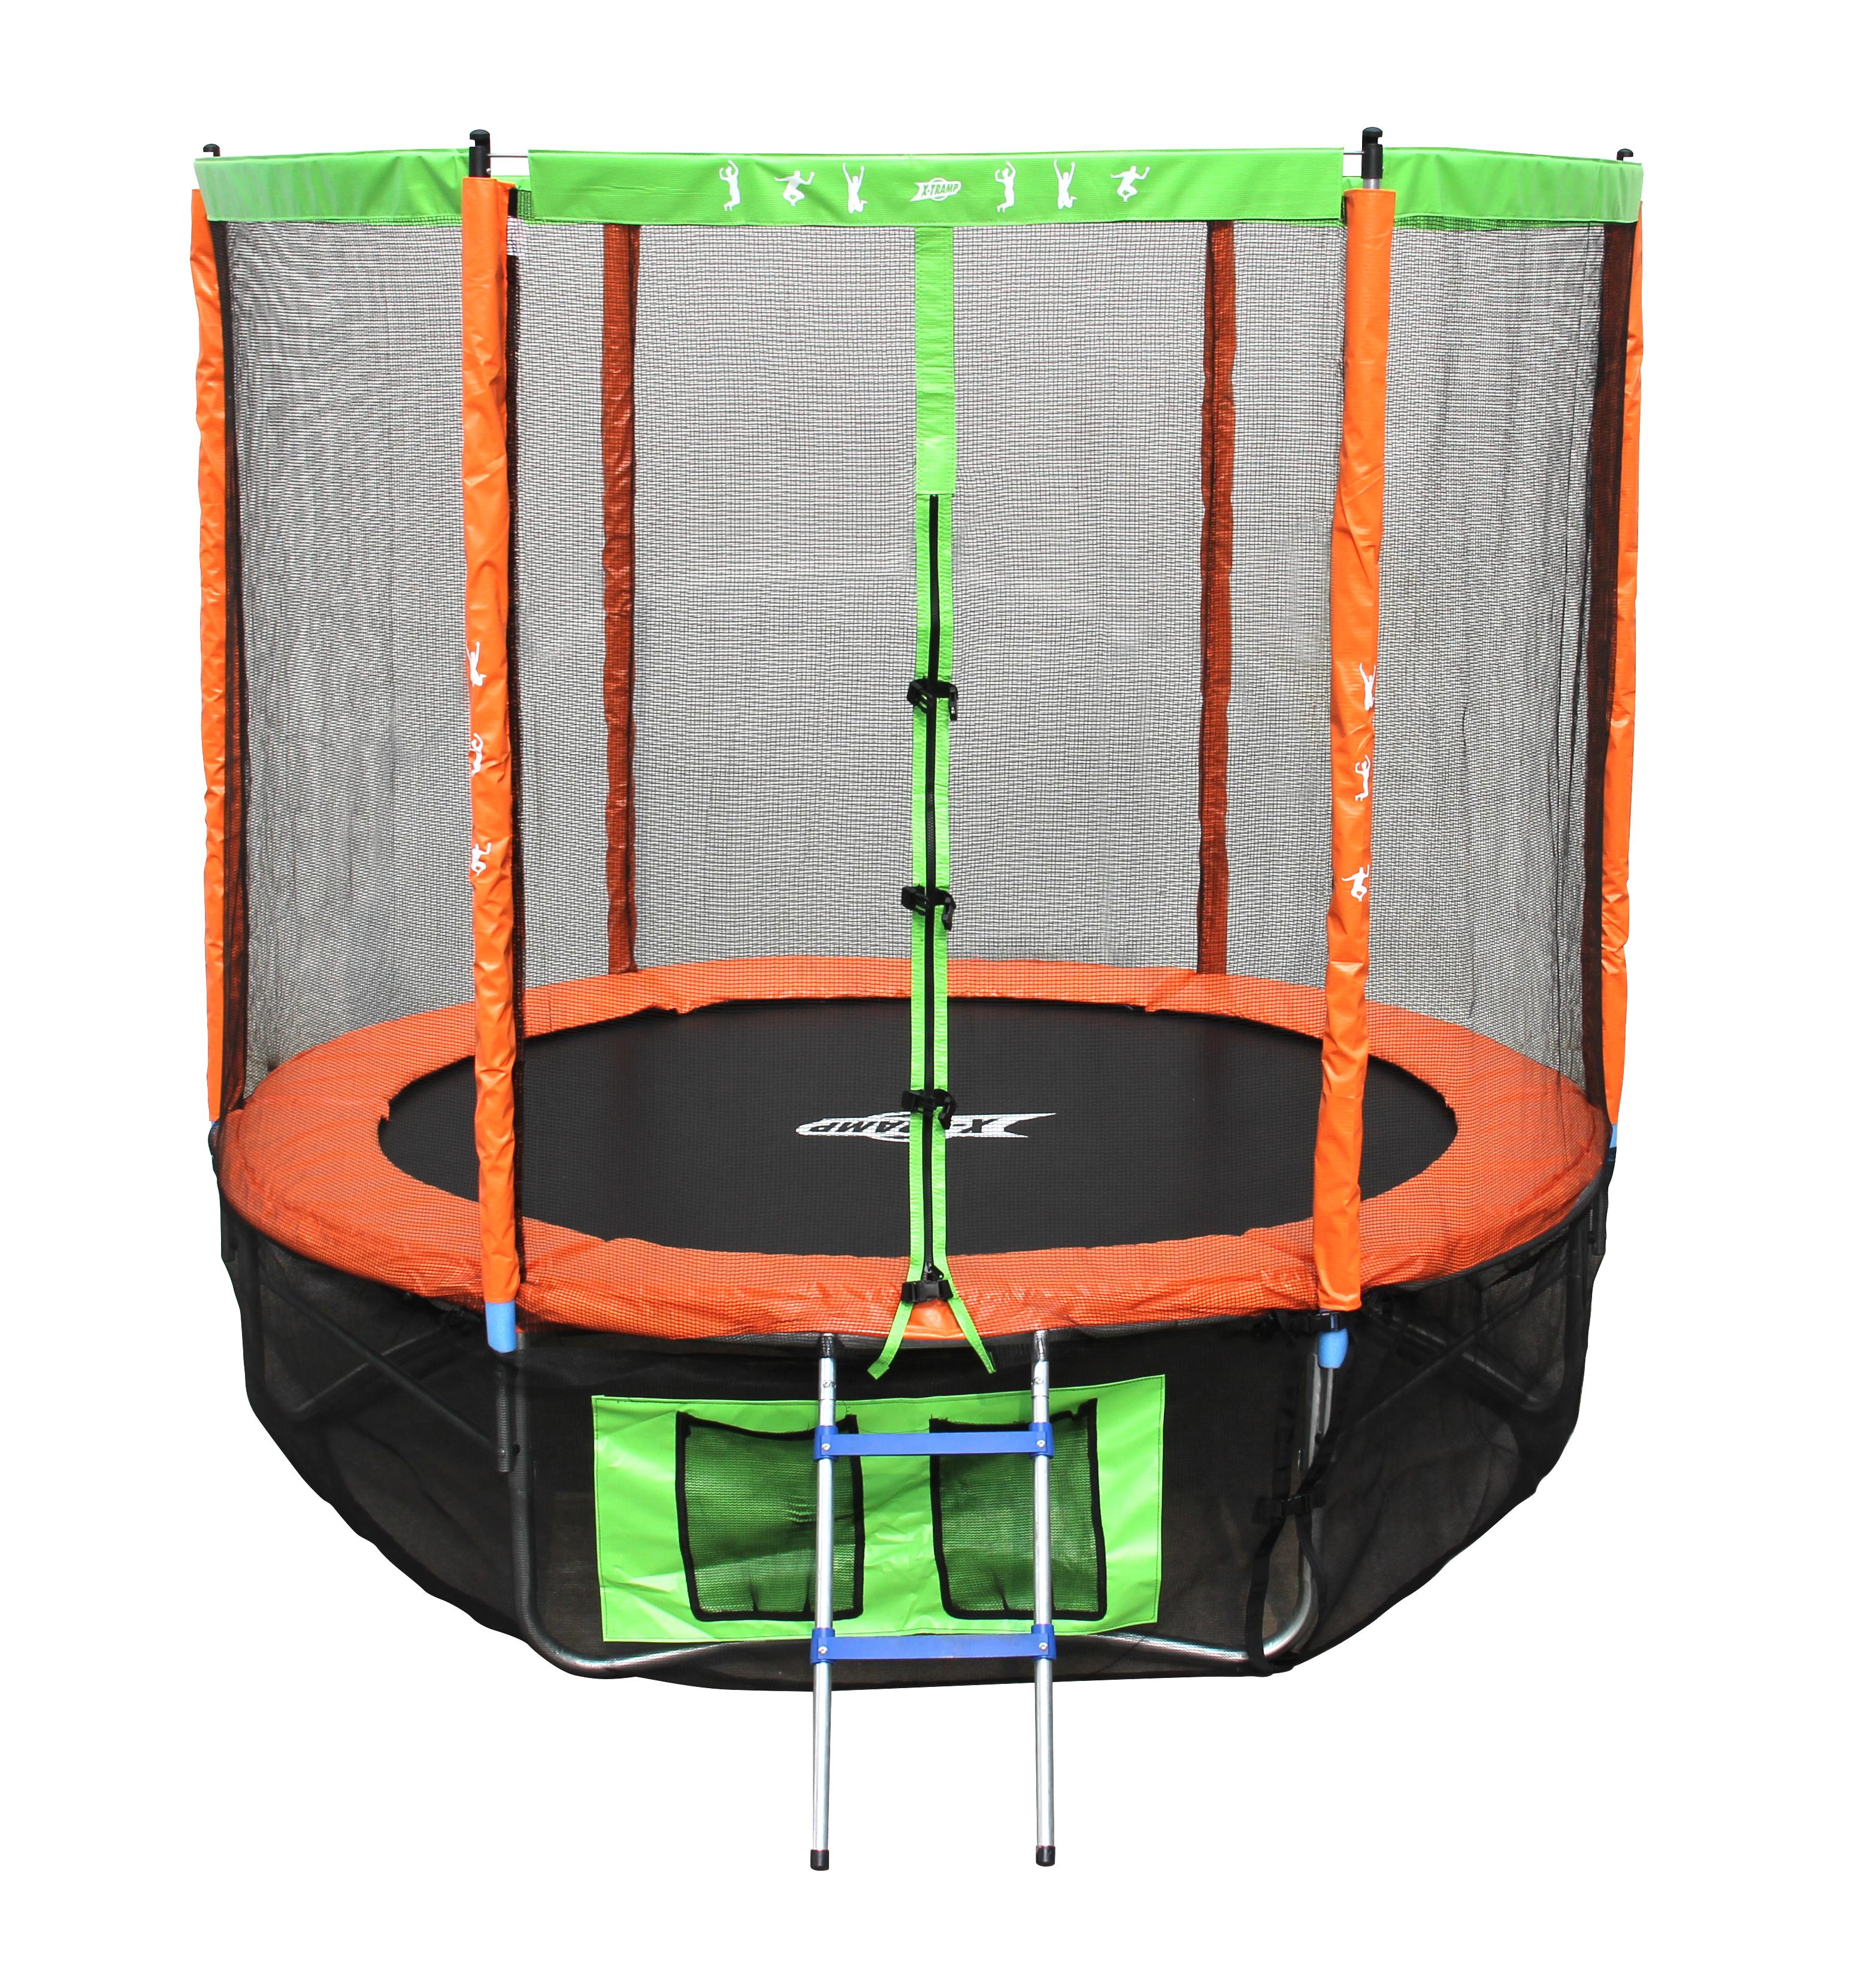 trampoline decathlon. Black Bedroom Furniture Sets. Home Design Ideas